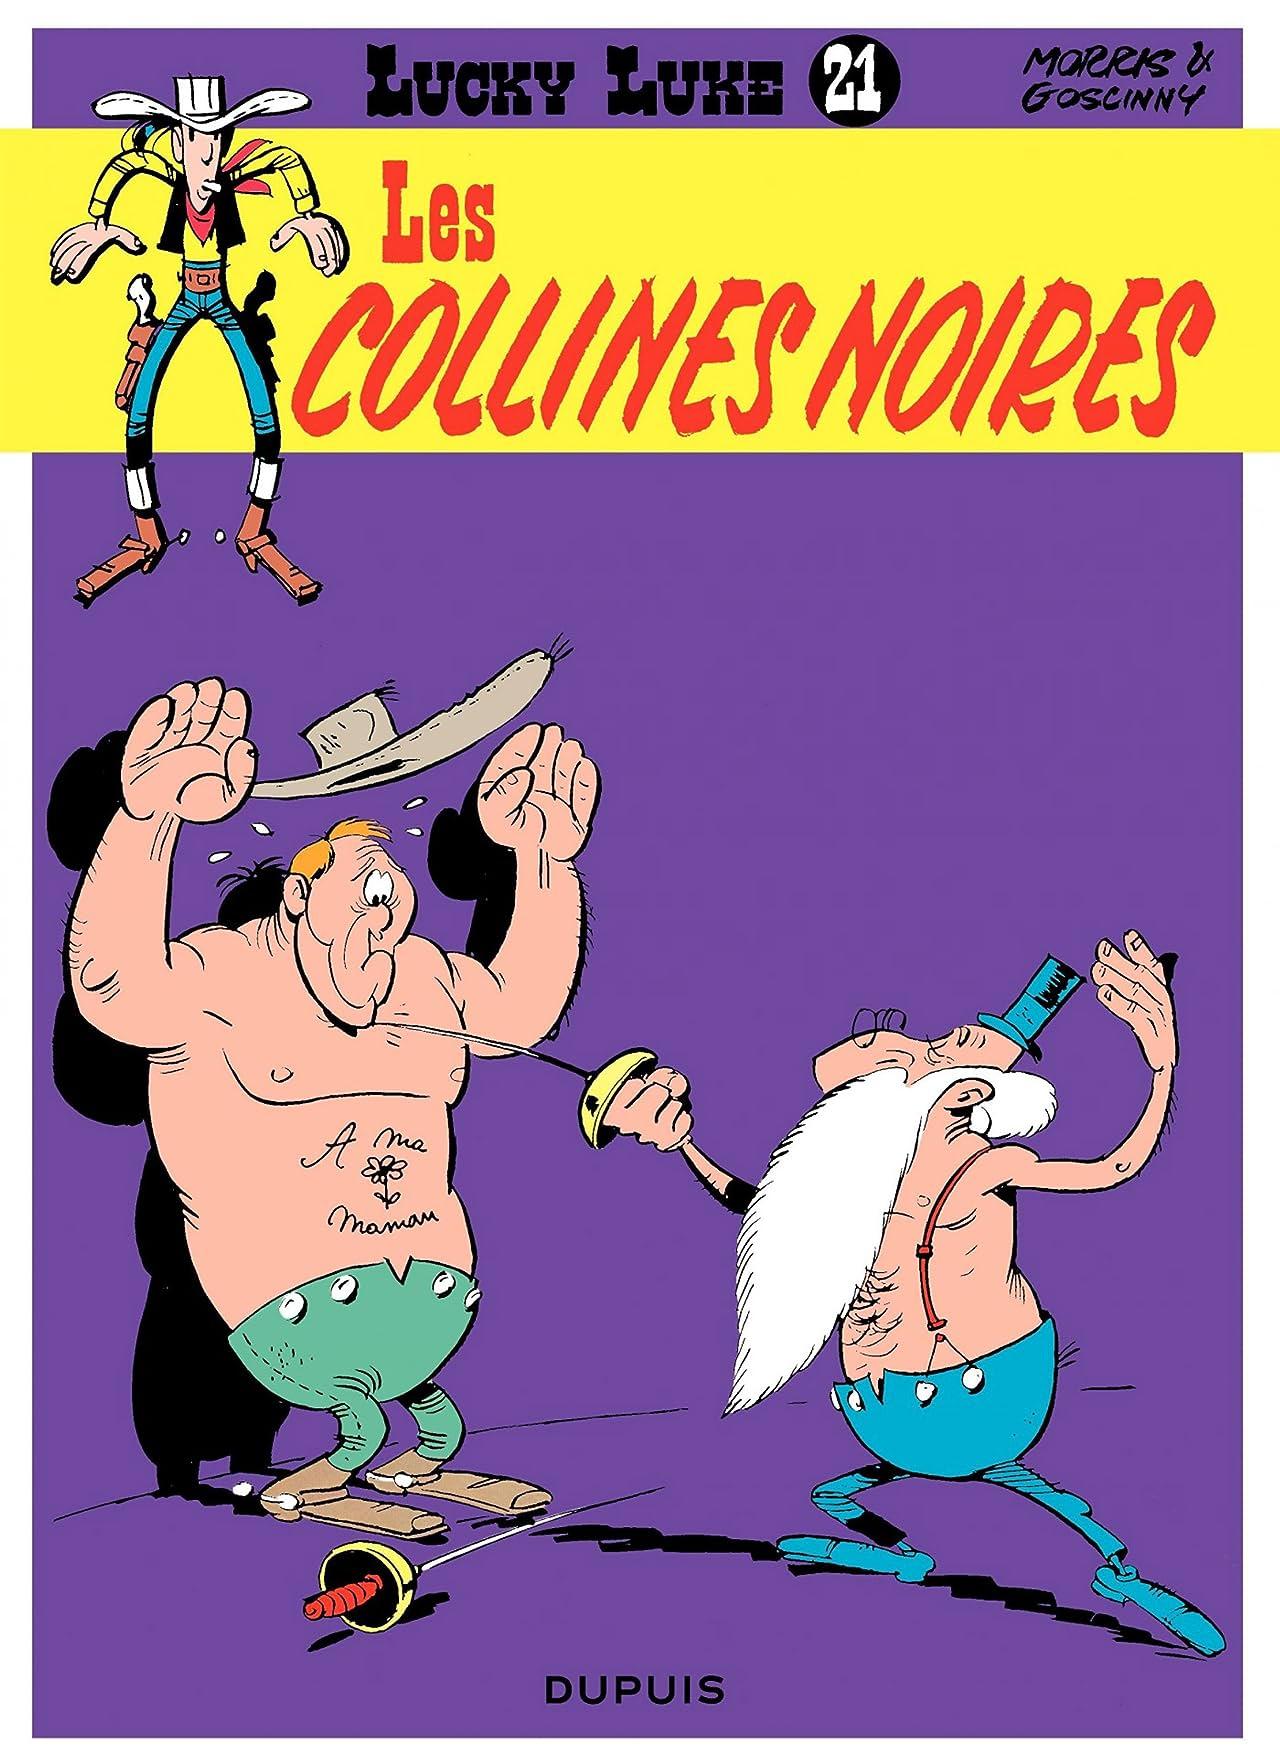 Lucky Luke Vol. 21: LES COLLINES NOIRES